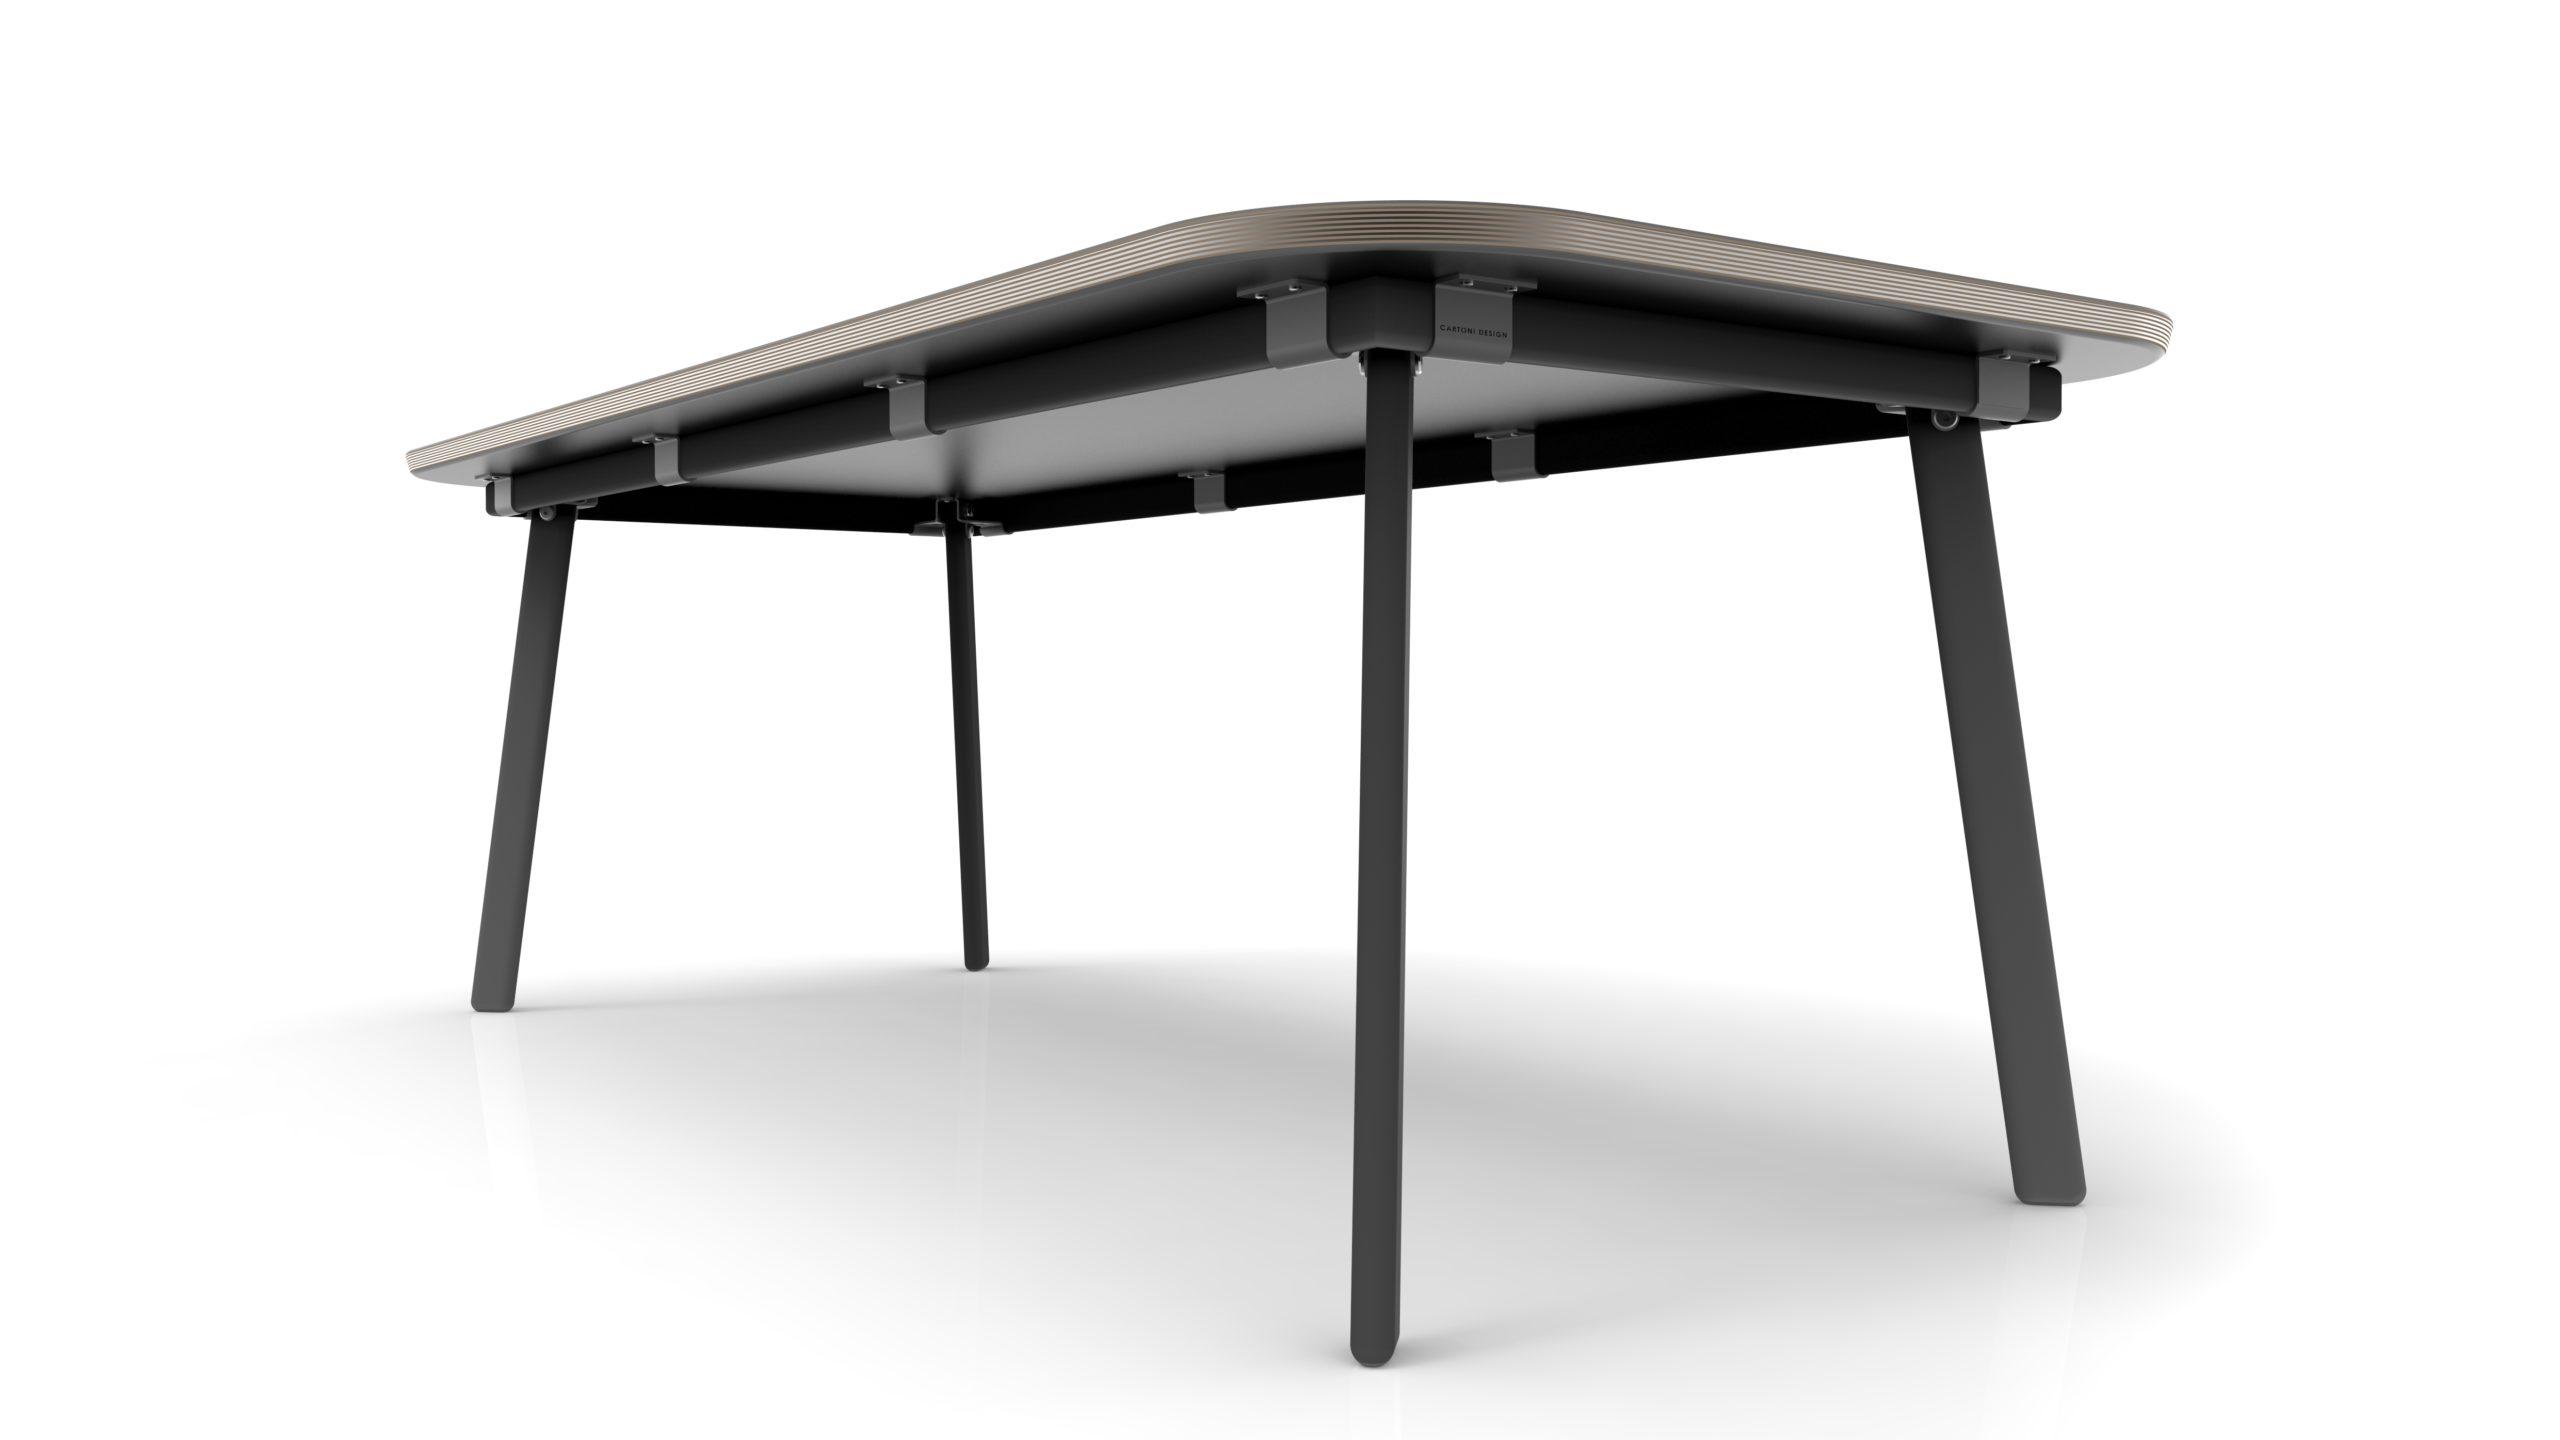 Maarten-Olden-table-Milano-Cartoni-design-II